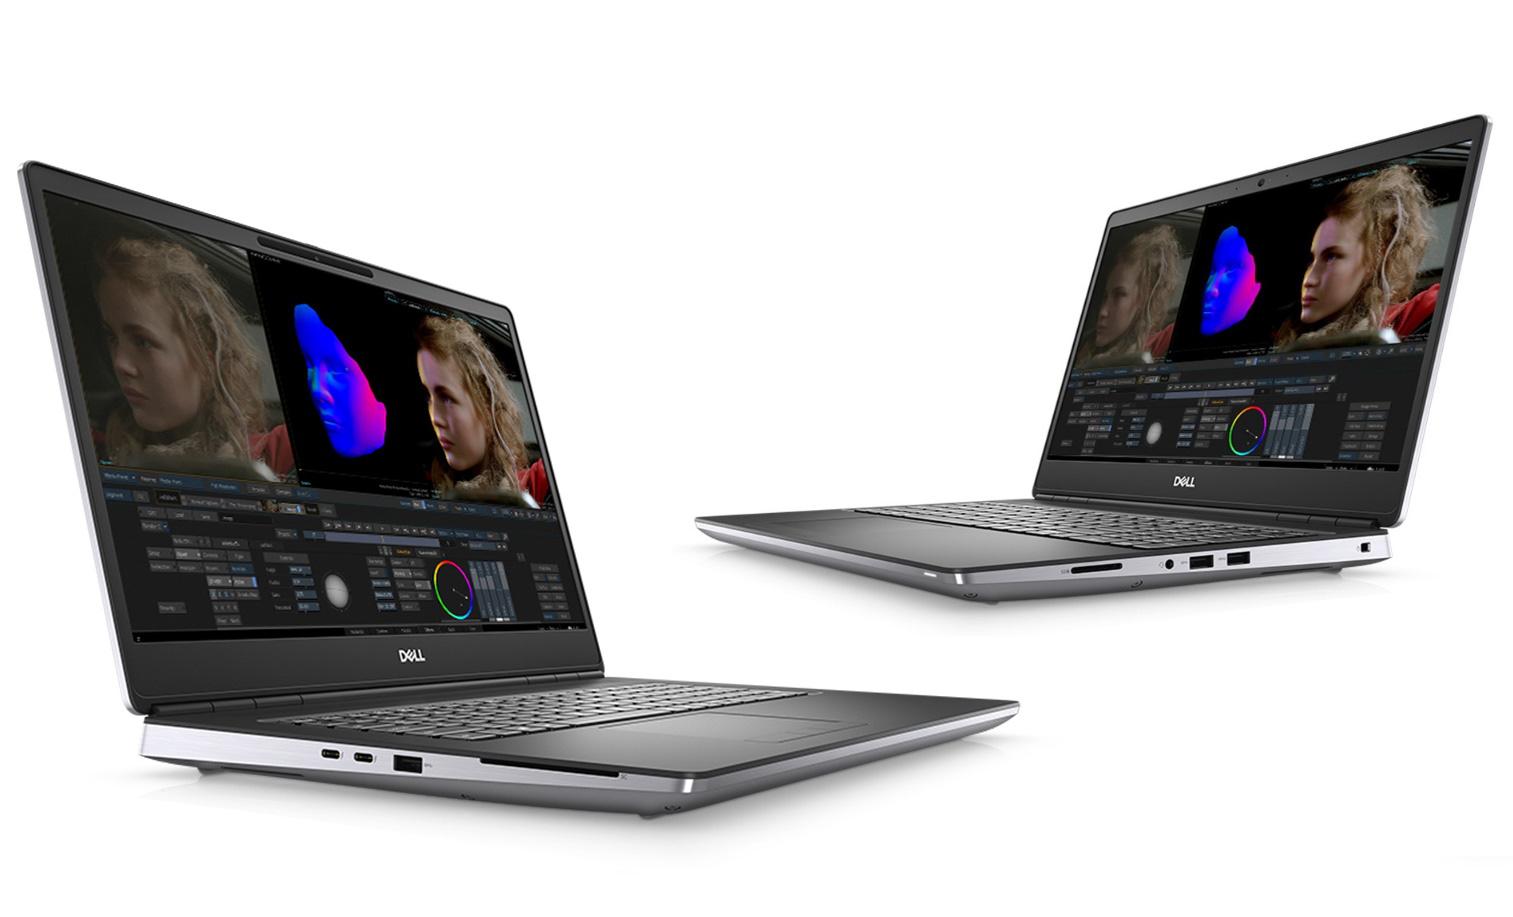 Các mẫu máy trạm xách tay mới nhất của Dell có gì vượt trội so với trước đây? - Ảnh 3.